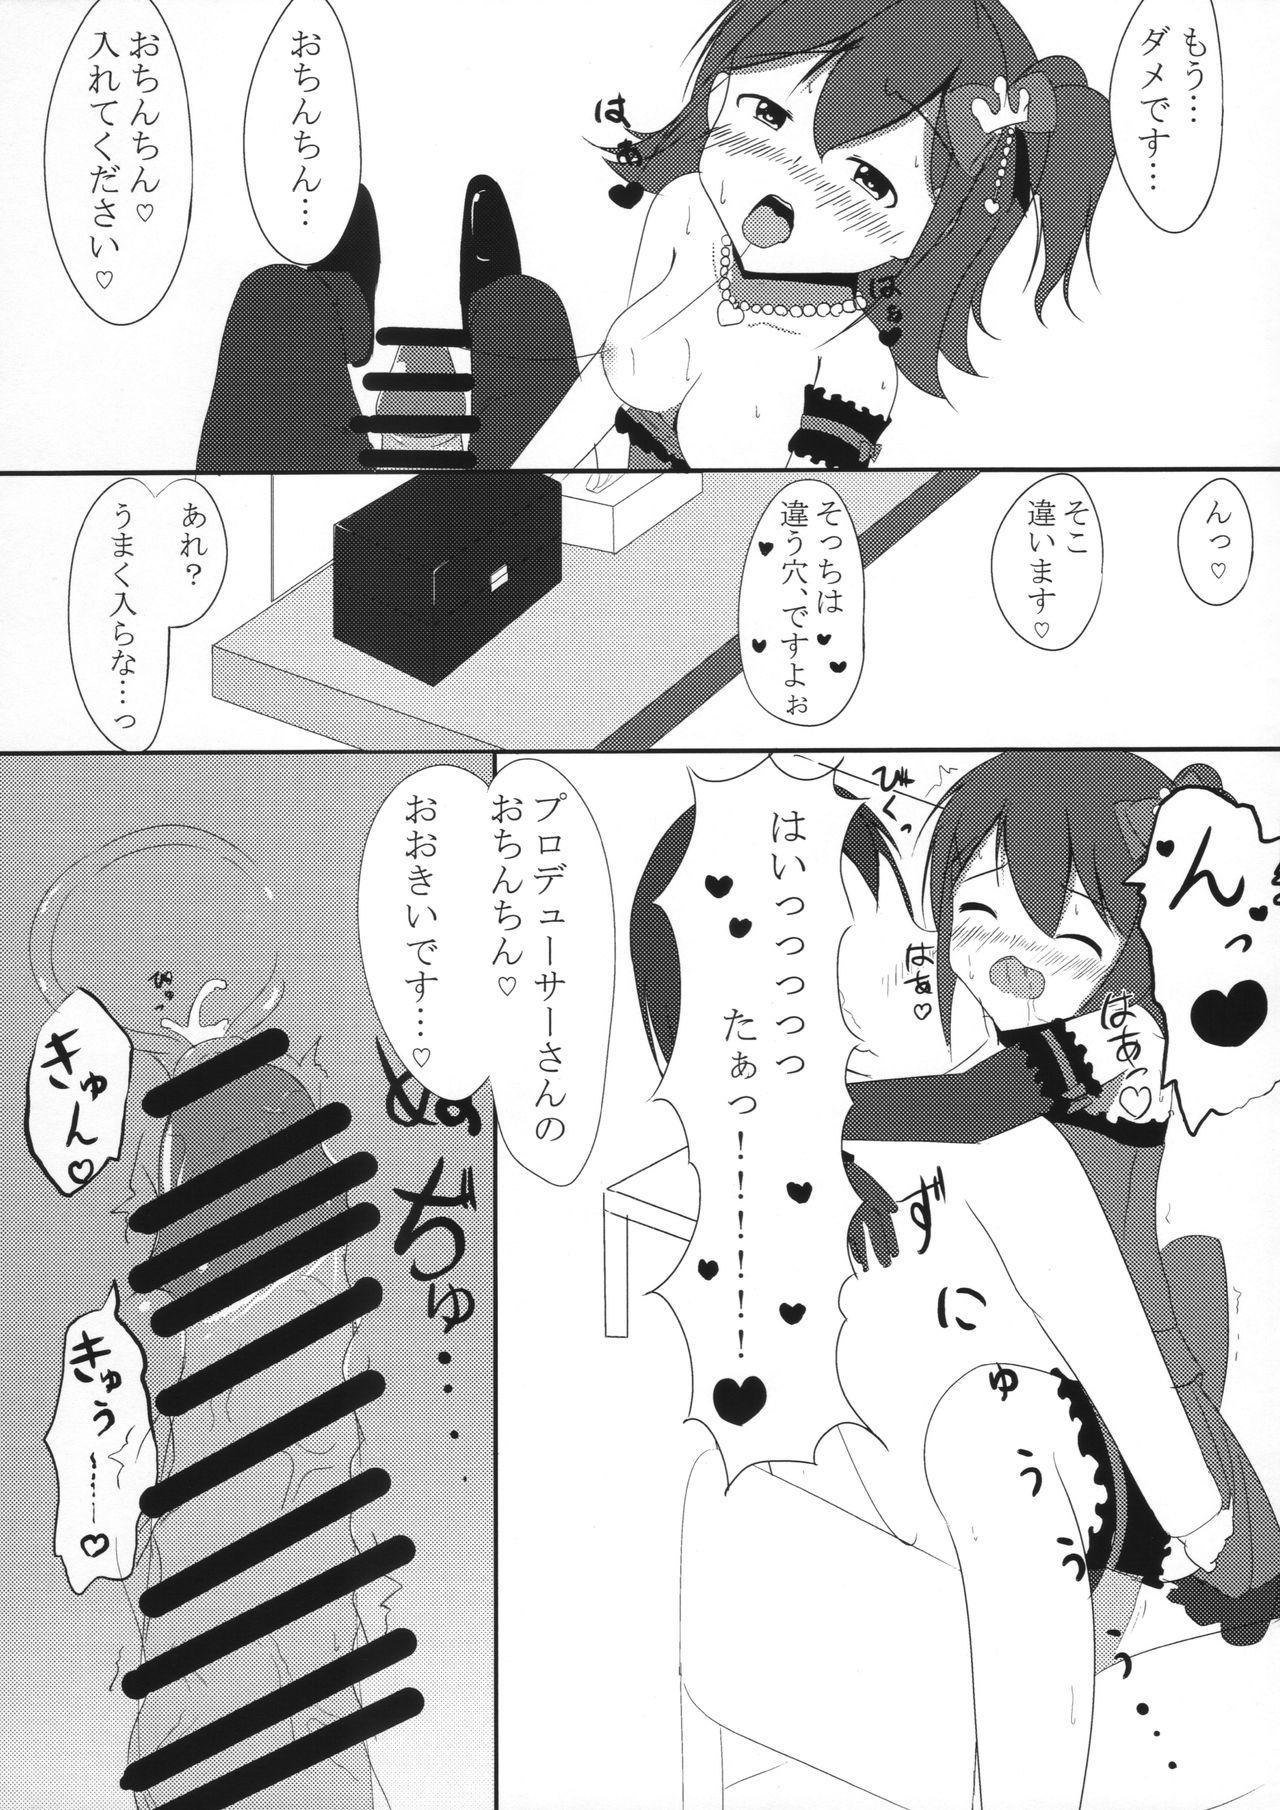 Mirai-cha to Ecchi Shitai 6